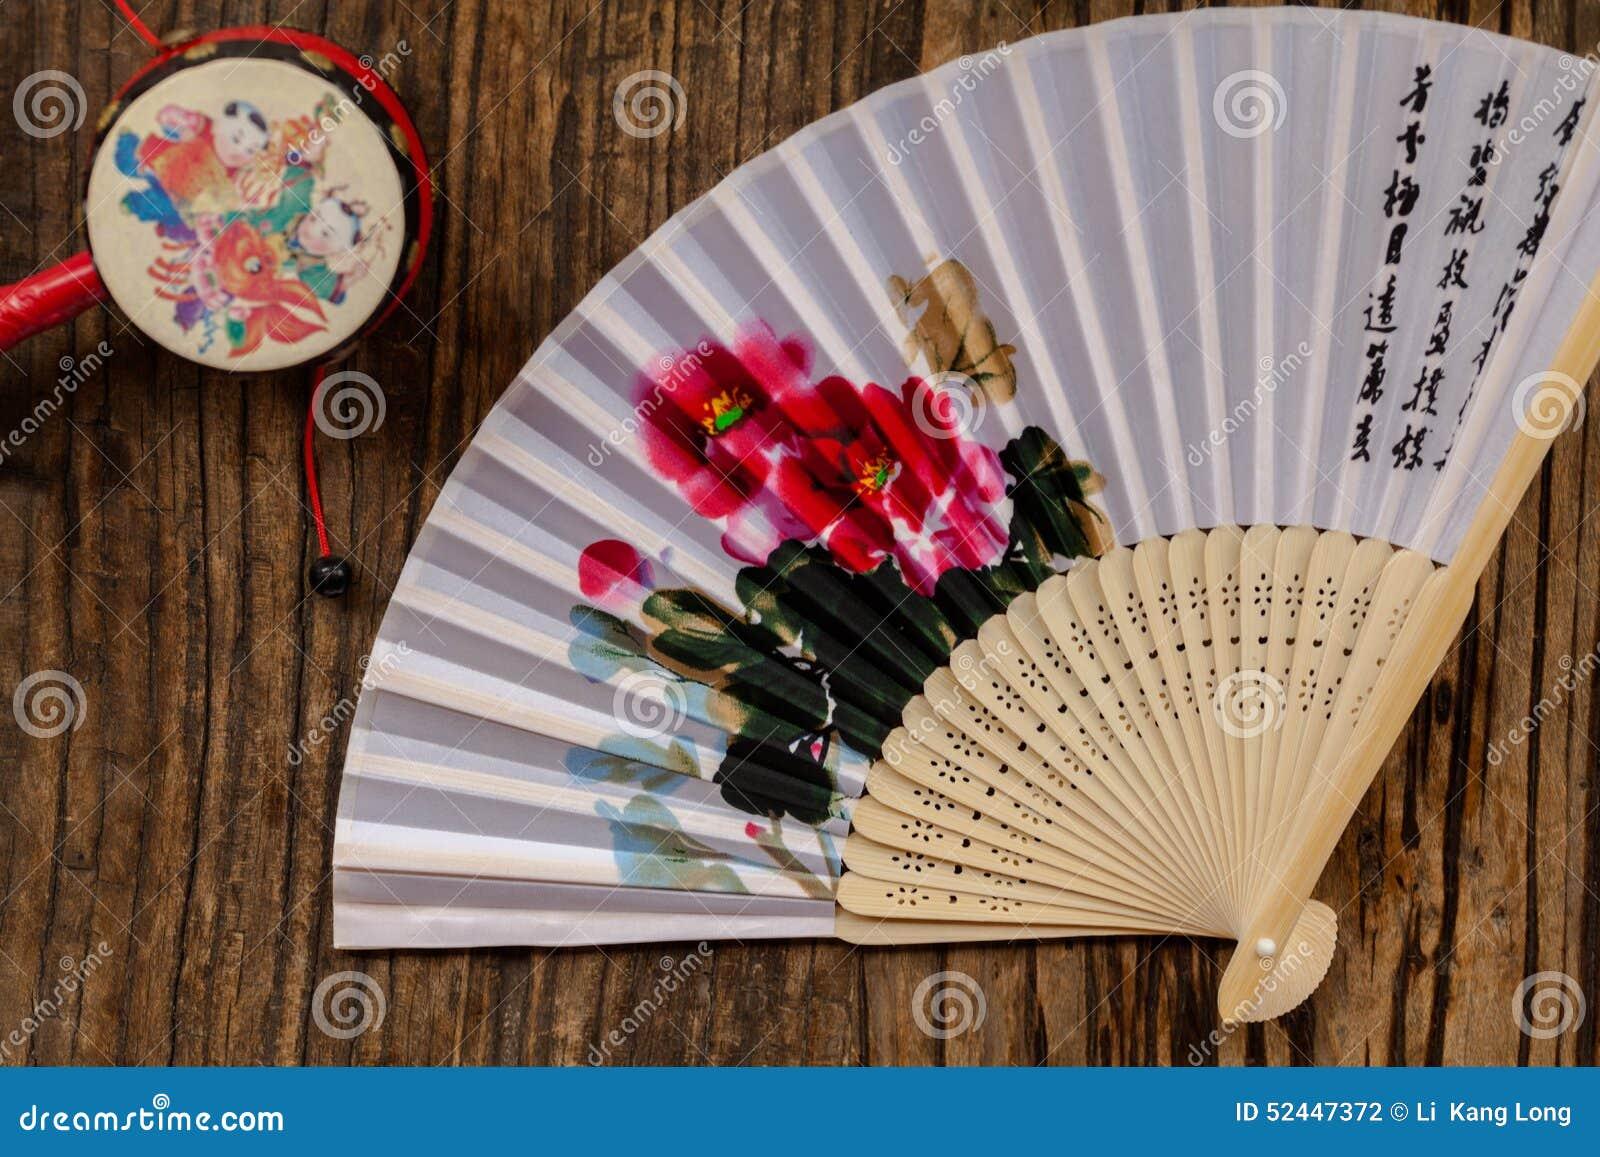 Oggetti tradizionali cinesi piegare e crepitio for Oggetti tradizionali cinesi